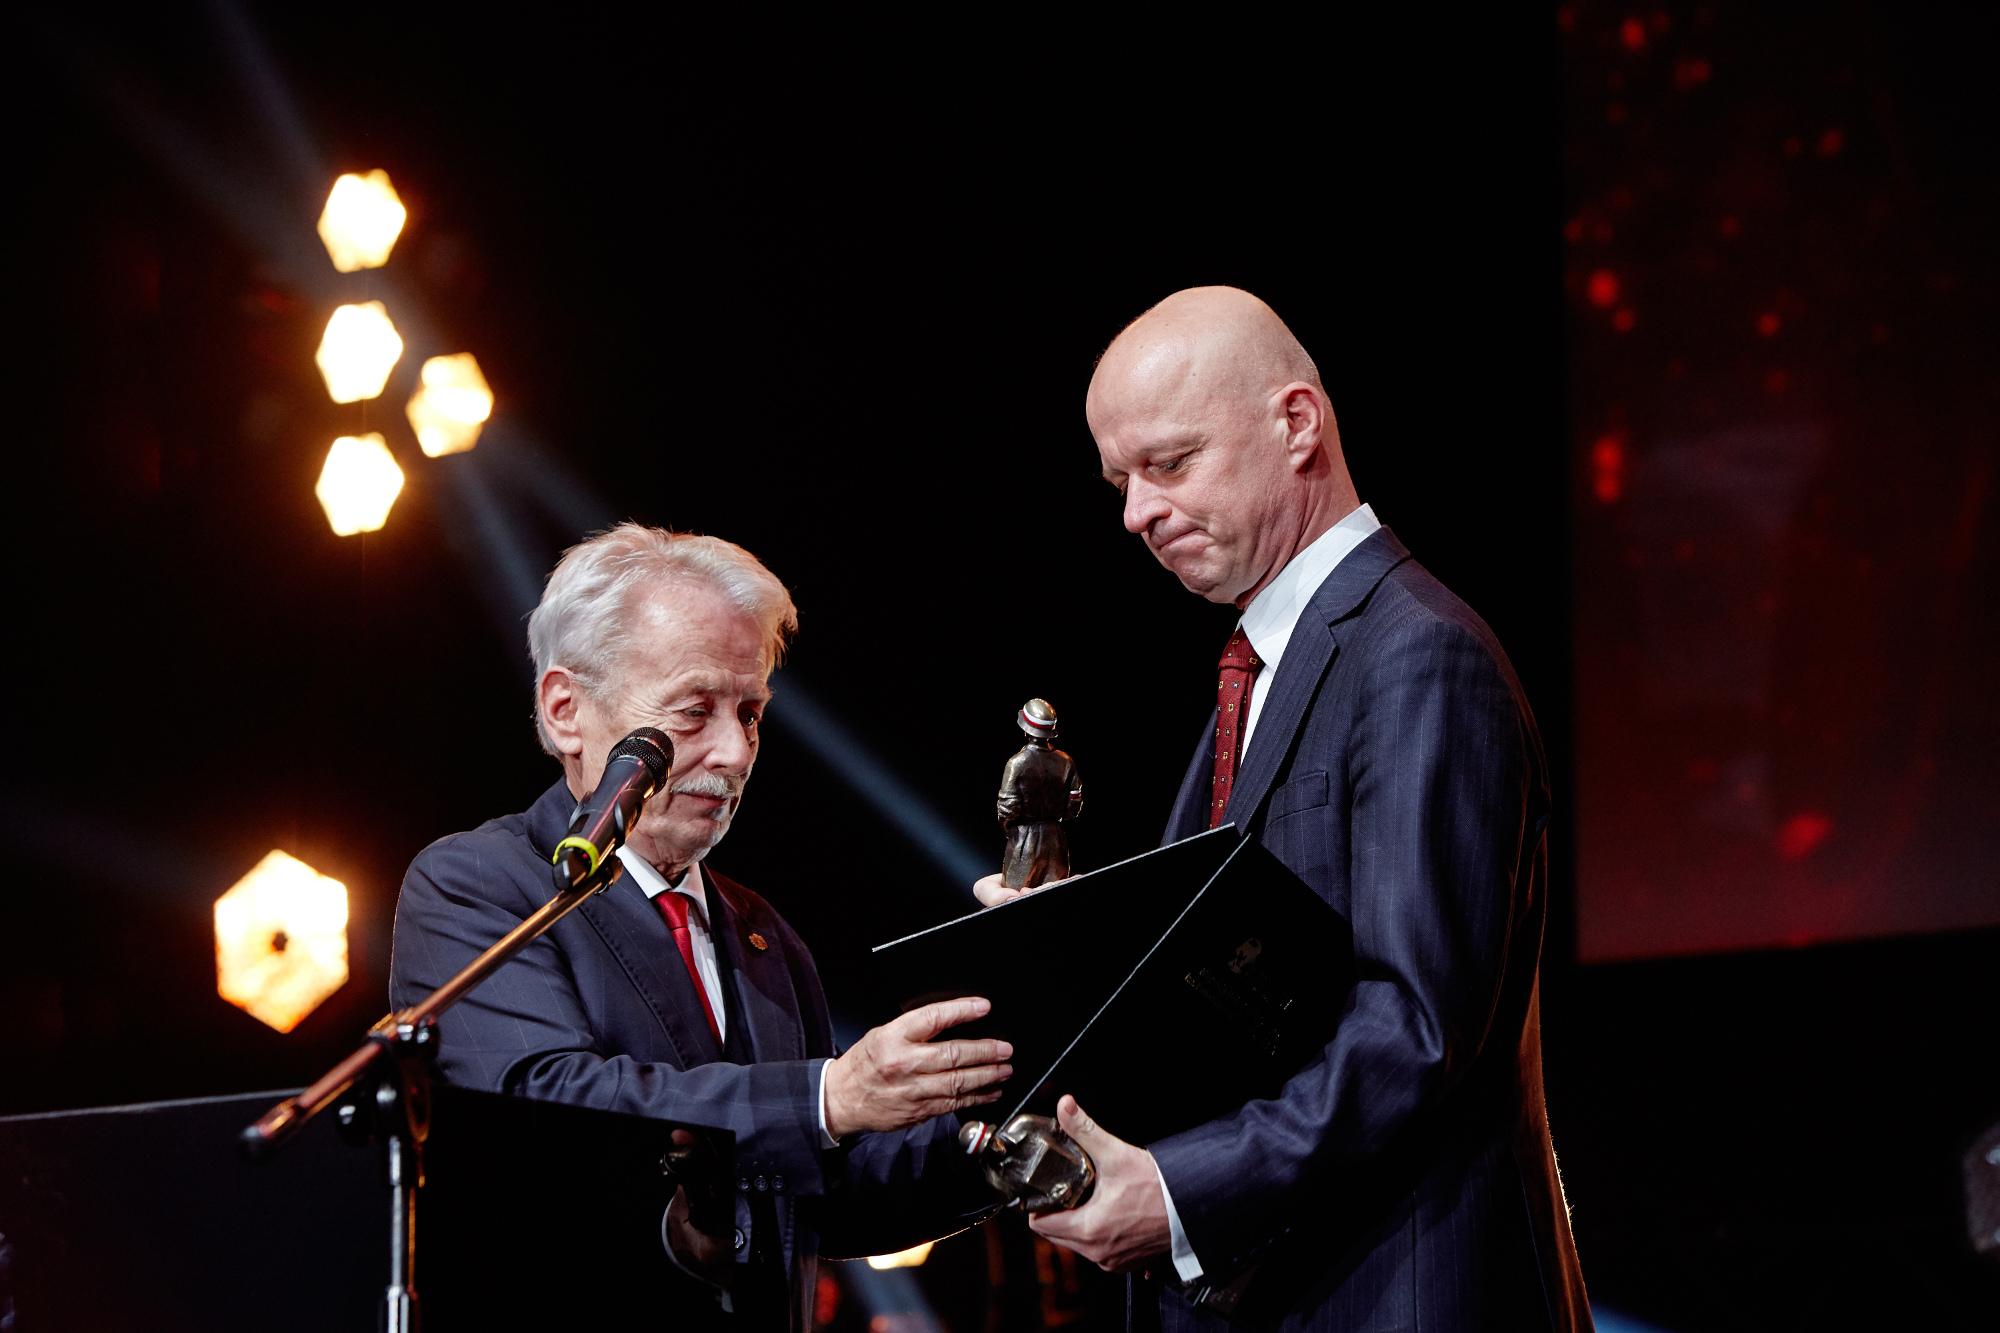 Nagroda_BohaterONy_2019_gala_fot_Michał_Moryl (14)